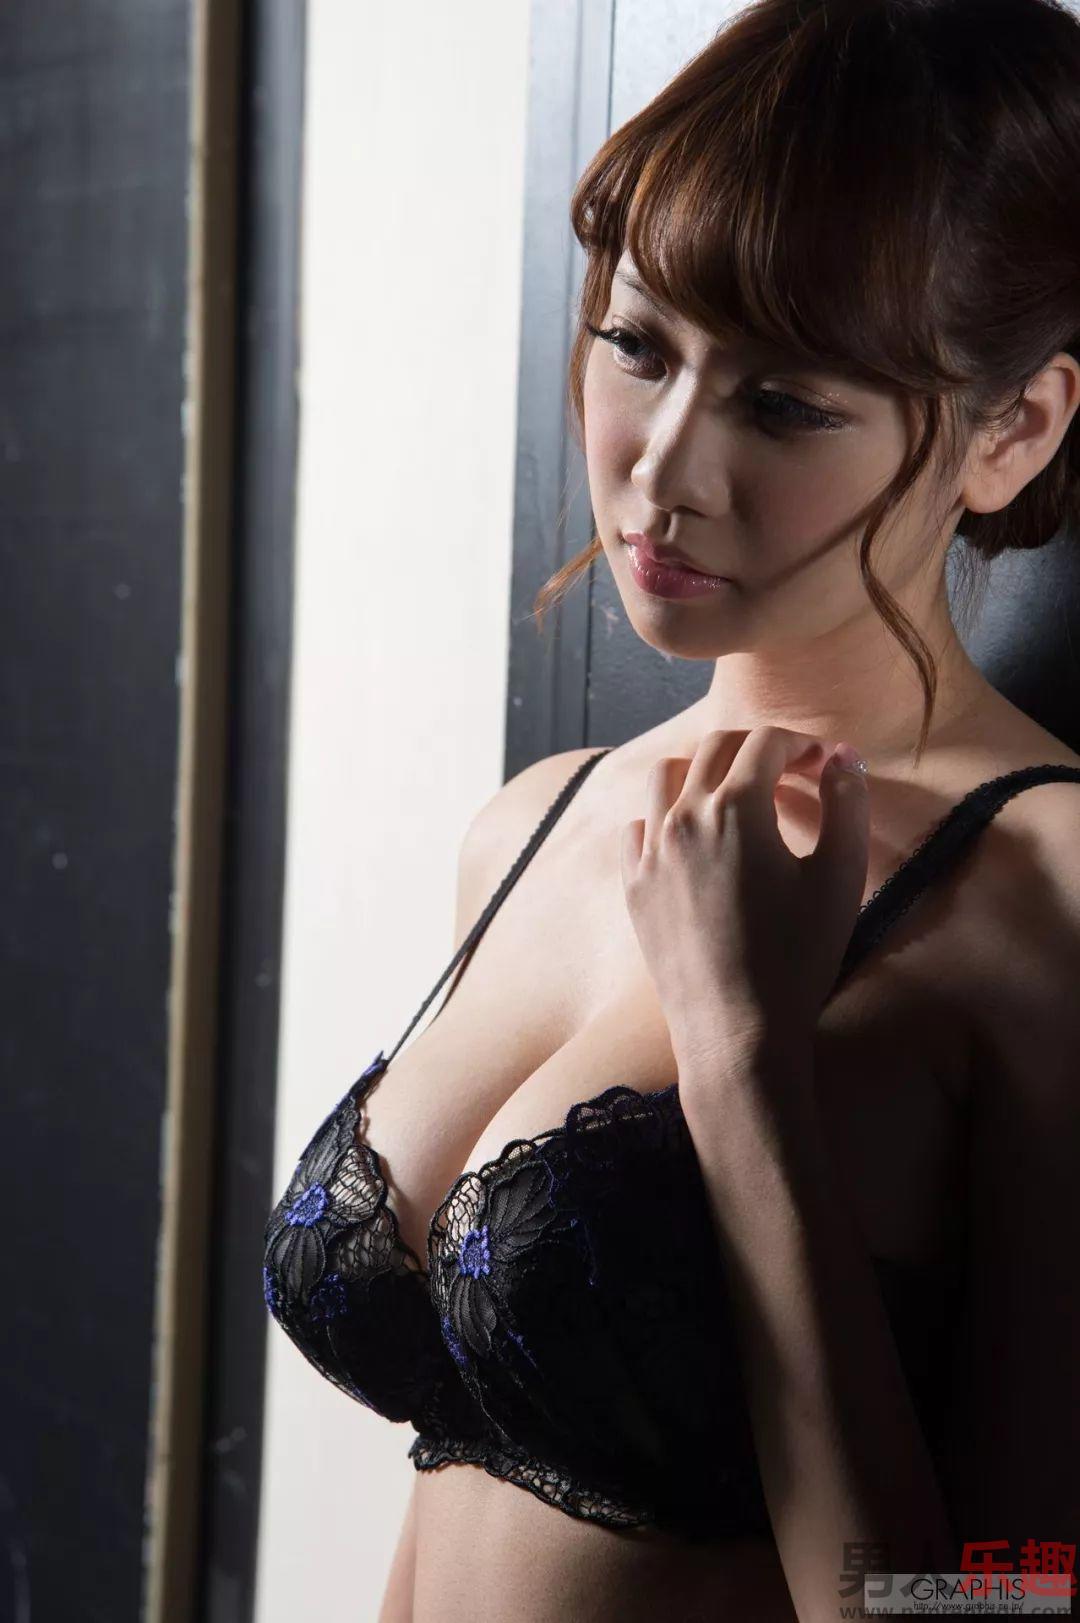 宇都宫紫苑(RION)成名史